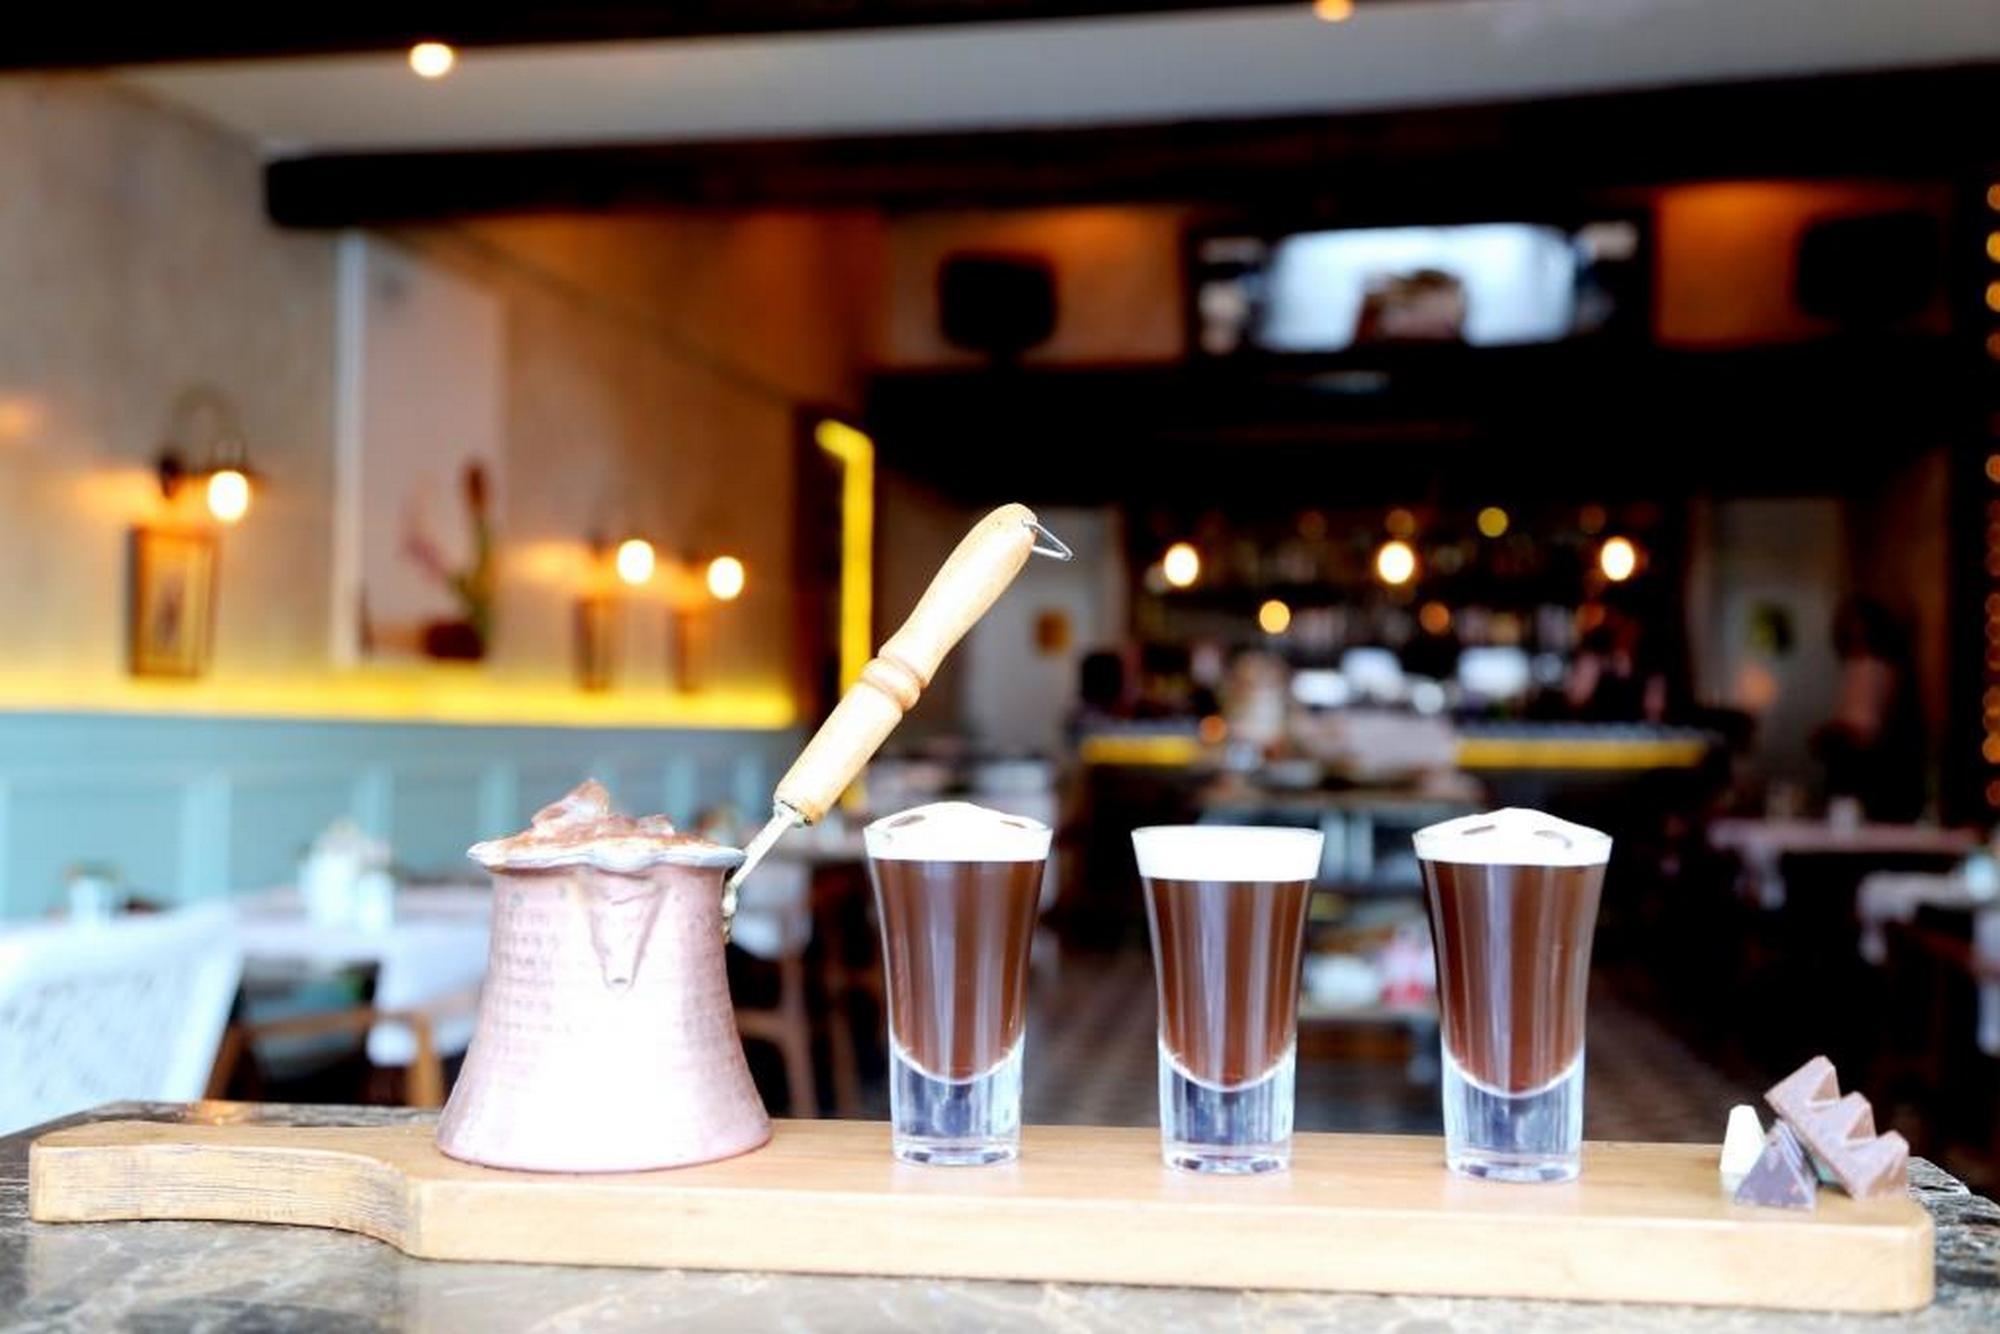 sircacis14 george clooney, sırçacı 14 yeniköy, yeniköy mekanları, istanbul'da kahvaltı mekanları, en iyi kahvaltı, en iyi kokteyl, istanbul'da nerede ne yenir, en iyi yeme içme, yeniköy, george clooney istanbul'da